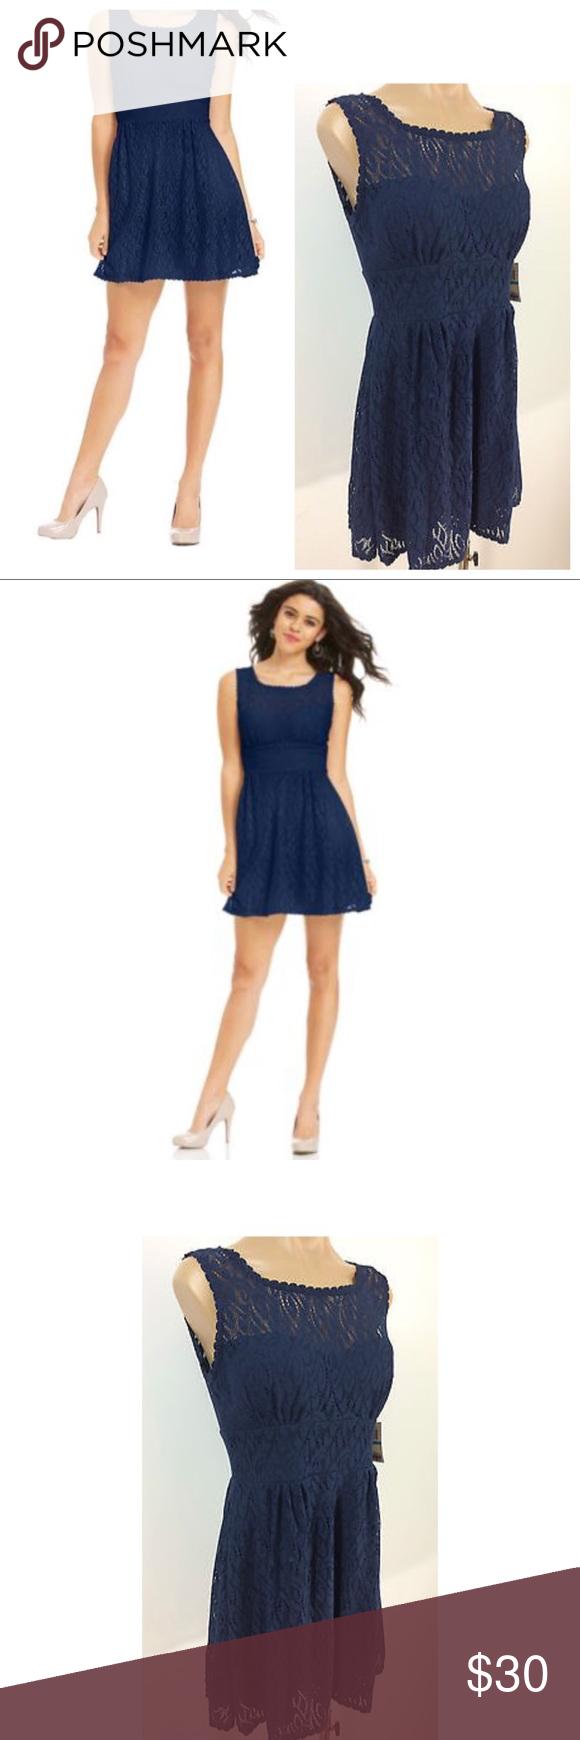 B darlin black lace dress   B Darlin Lace ALine Illusion Dress NAVY BLUE NWT